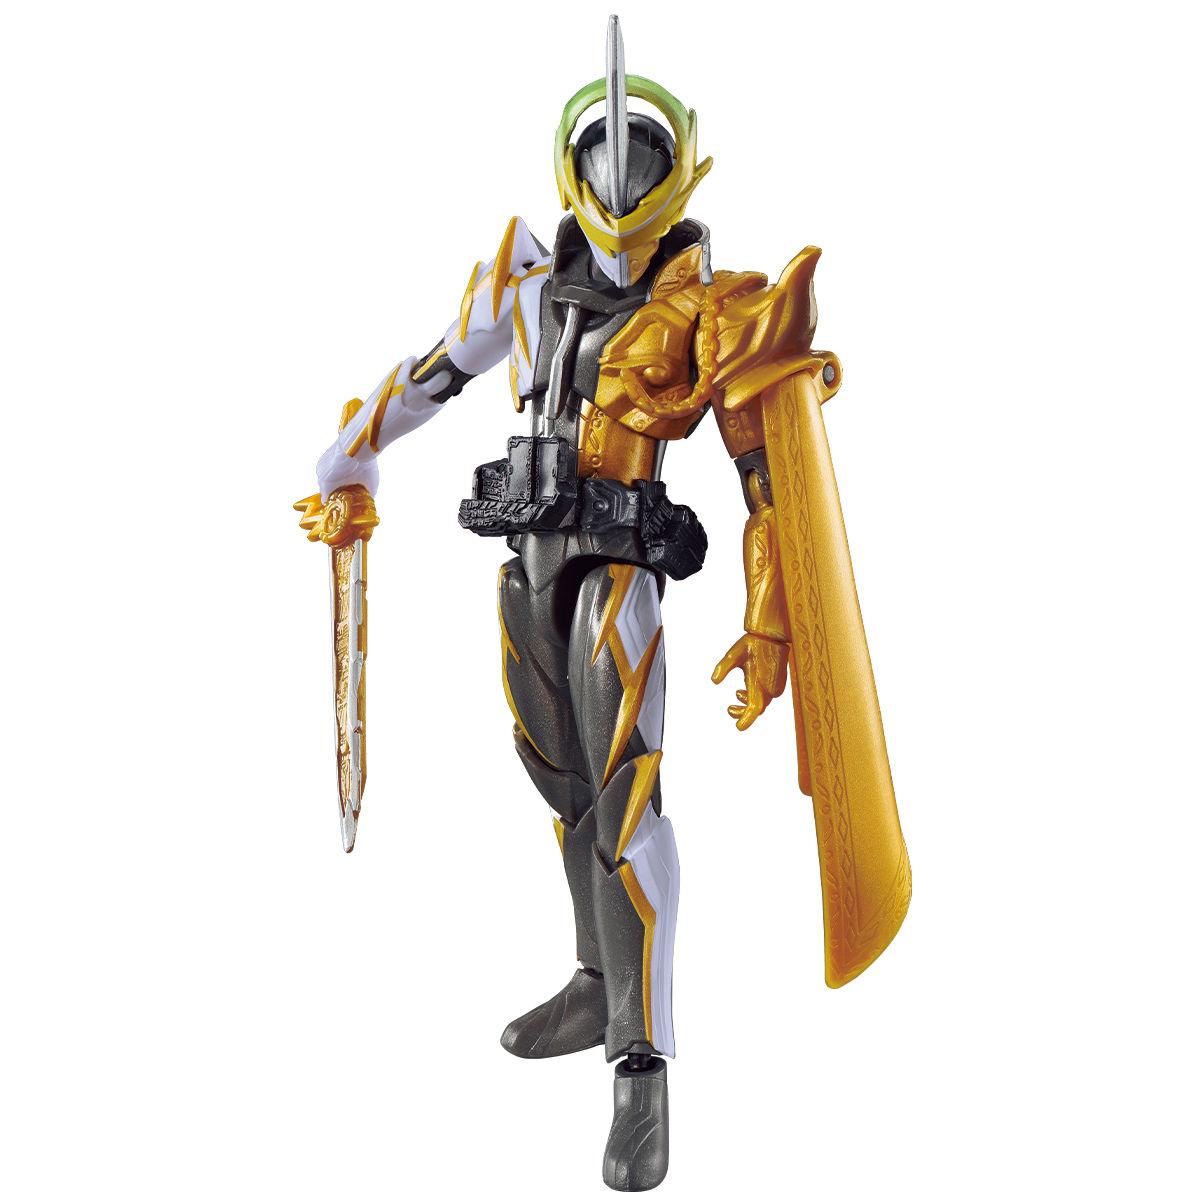 RKF『仮面ライダーエスパーダ ランプドアランジーナ』仮面ライダーセイバー 可動フィギュア-001